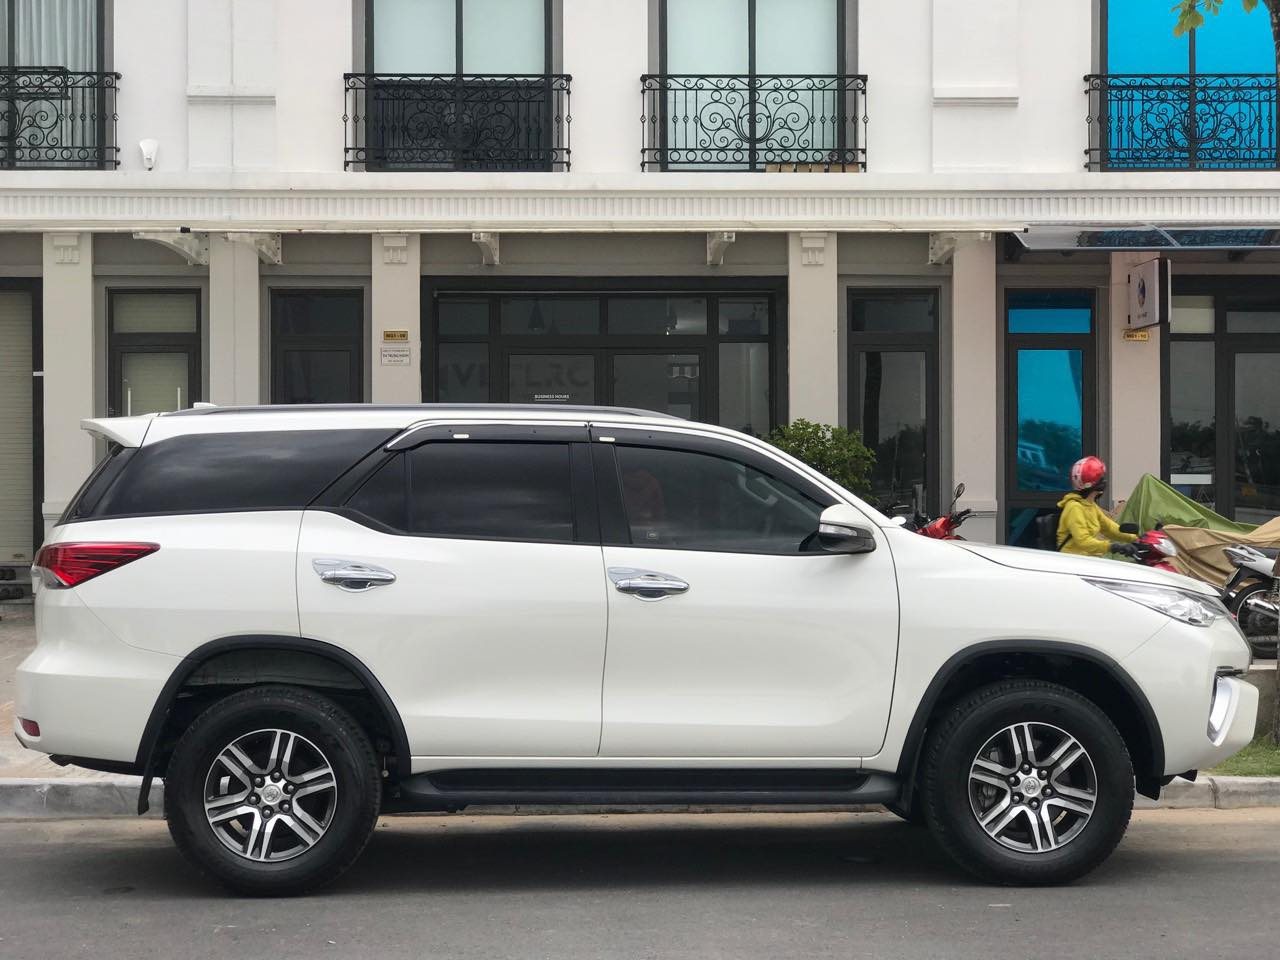 Hãy đến với thuexehuydat.com để trải nghiệm dịch vụ cho thuê xe 7 chỗ đi Cai Lậy hoàn hảo tại Huy Đạt